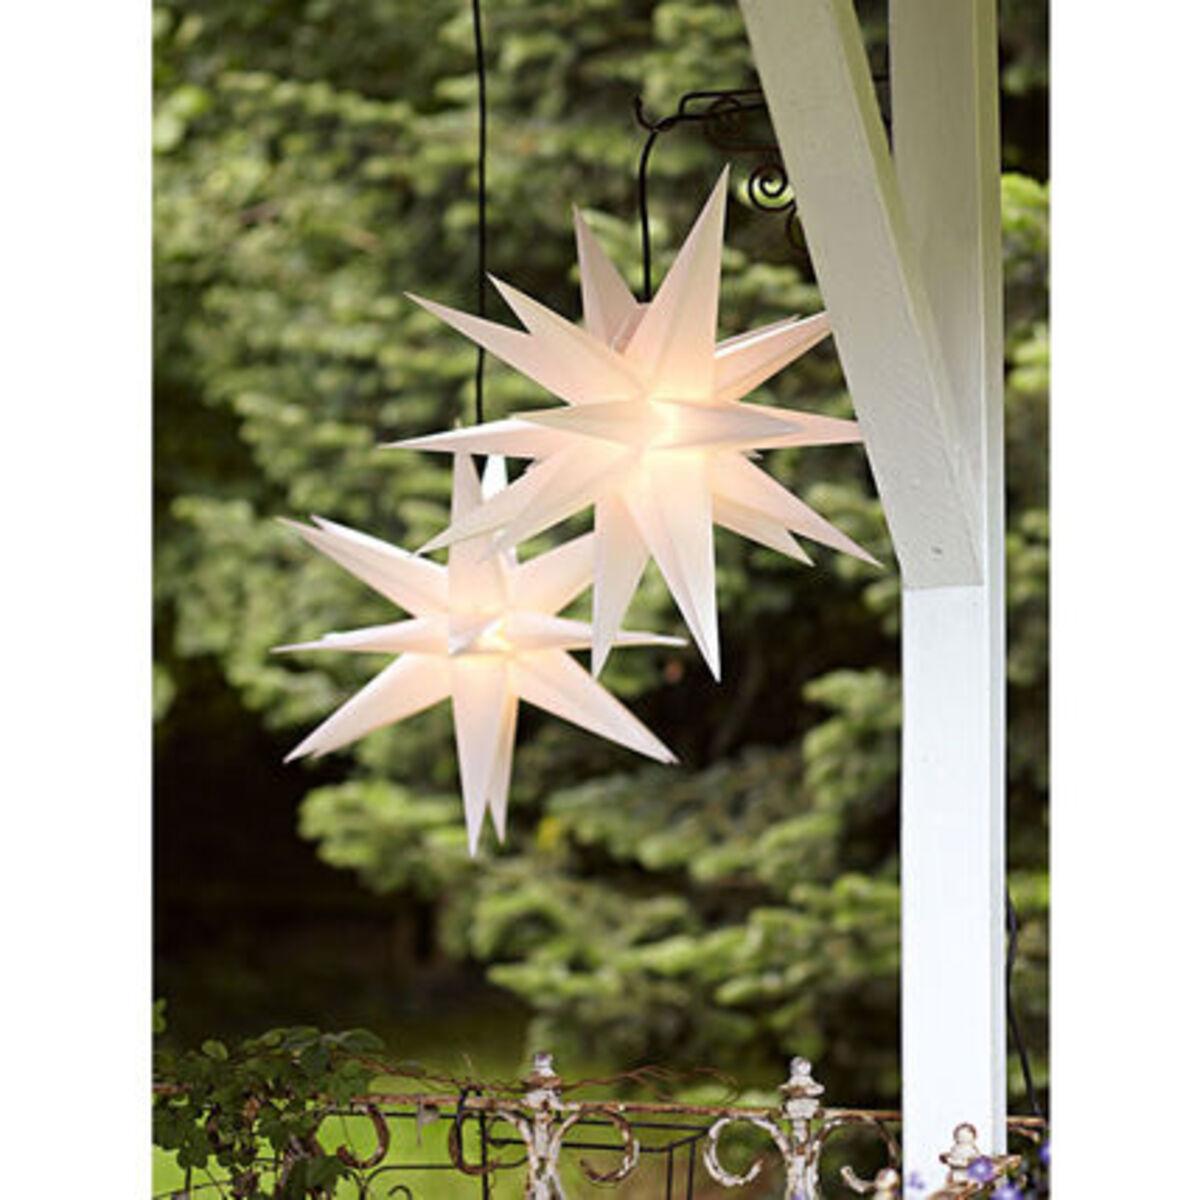 Bild 3 von Yorn Home Outdoor-Leuchtstern, Weiß, Ø 50 cm, weiß